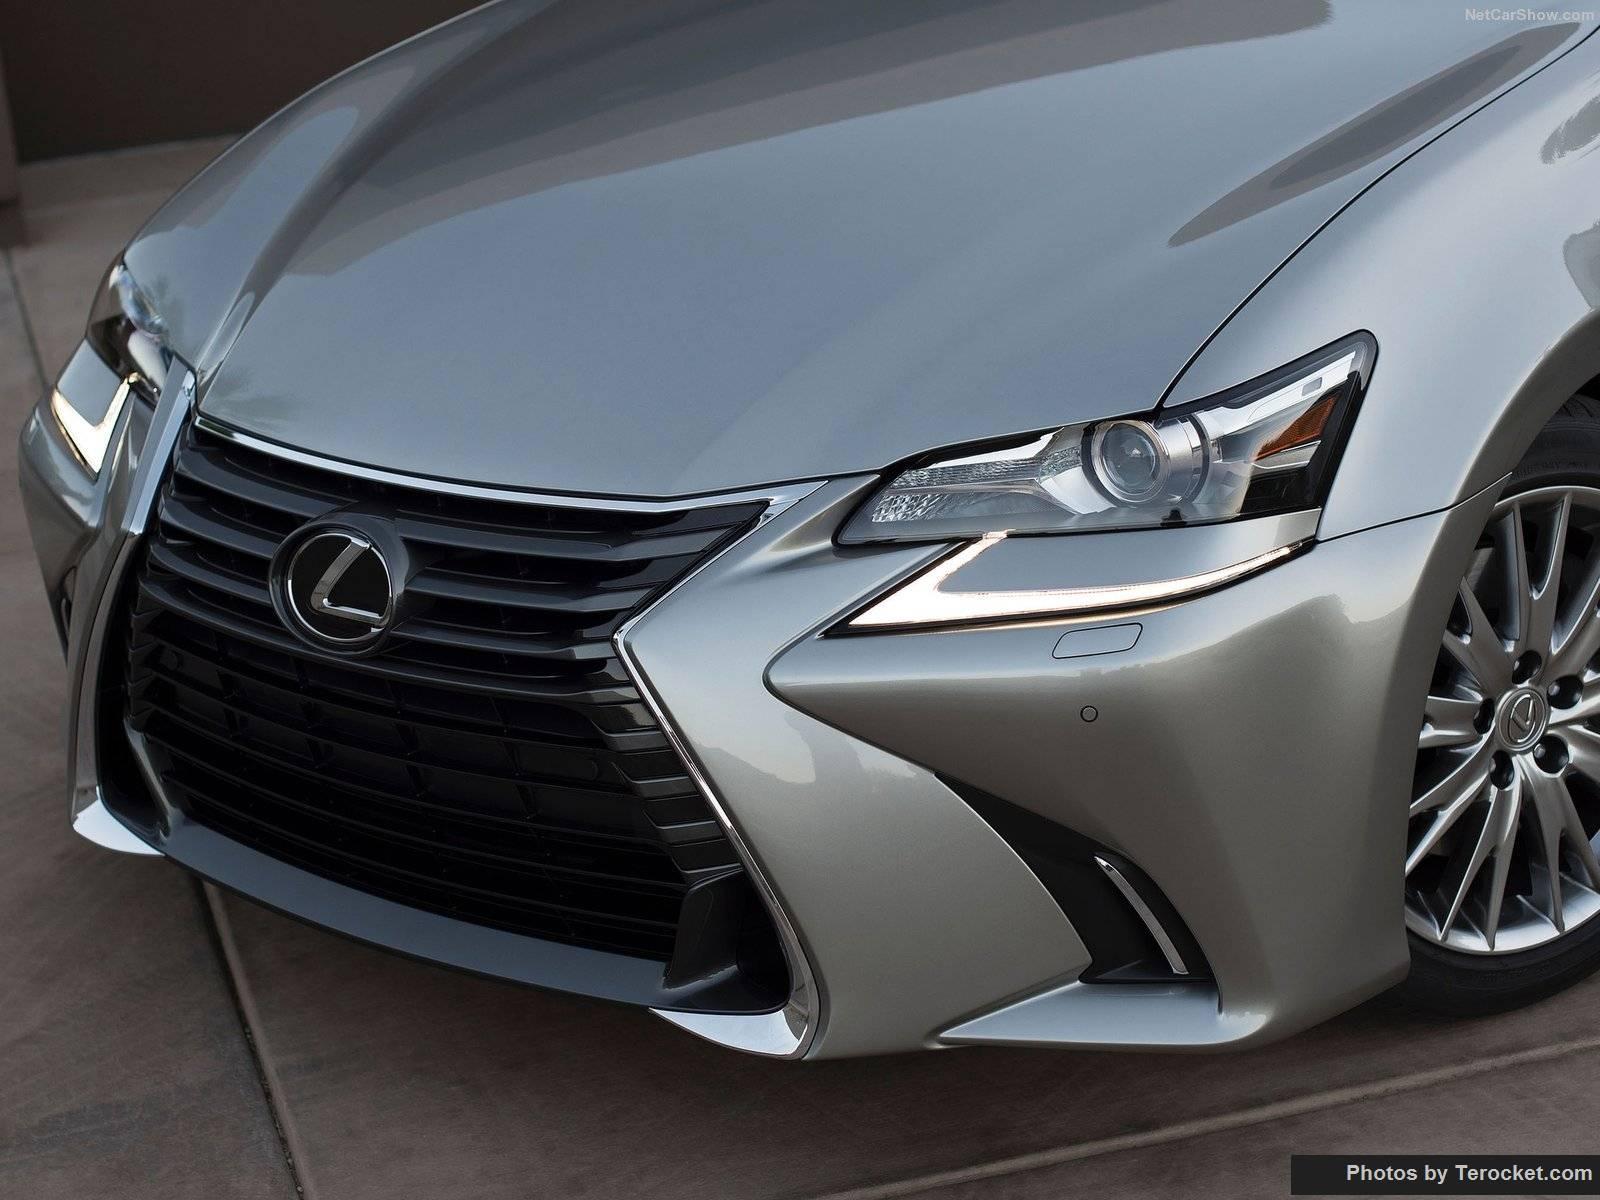 Đánh giá xe Lexus GS200T 2016 - Đậm chất thể thao